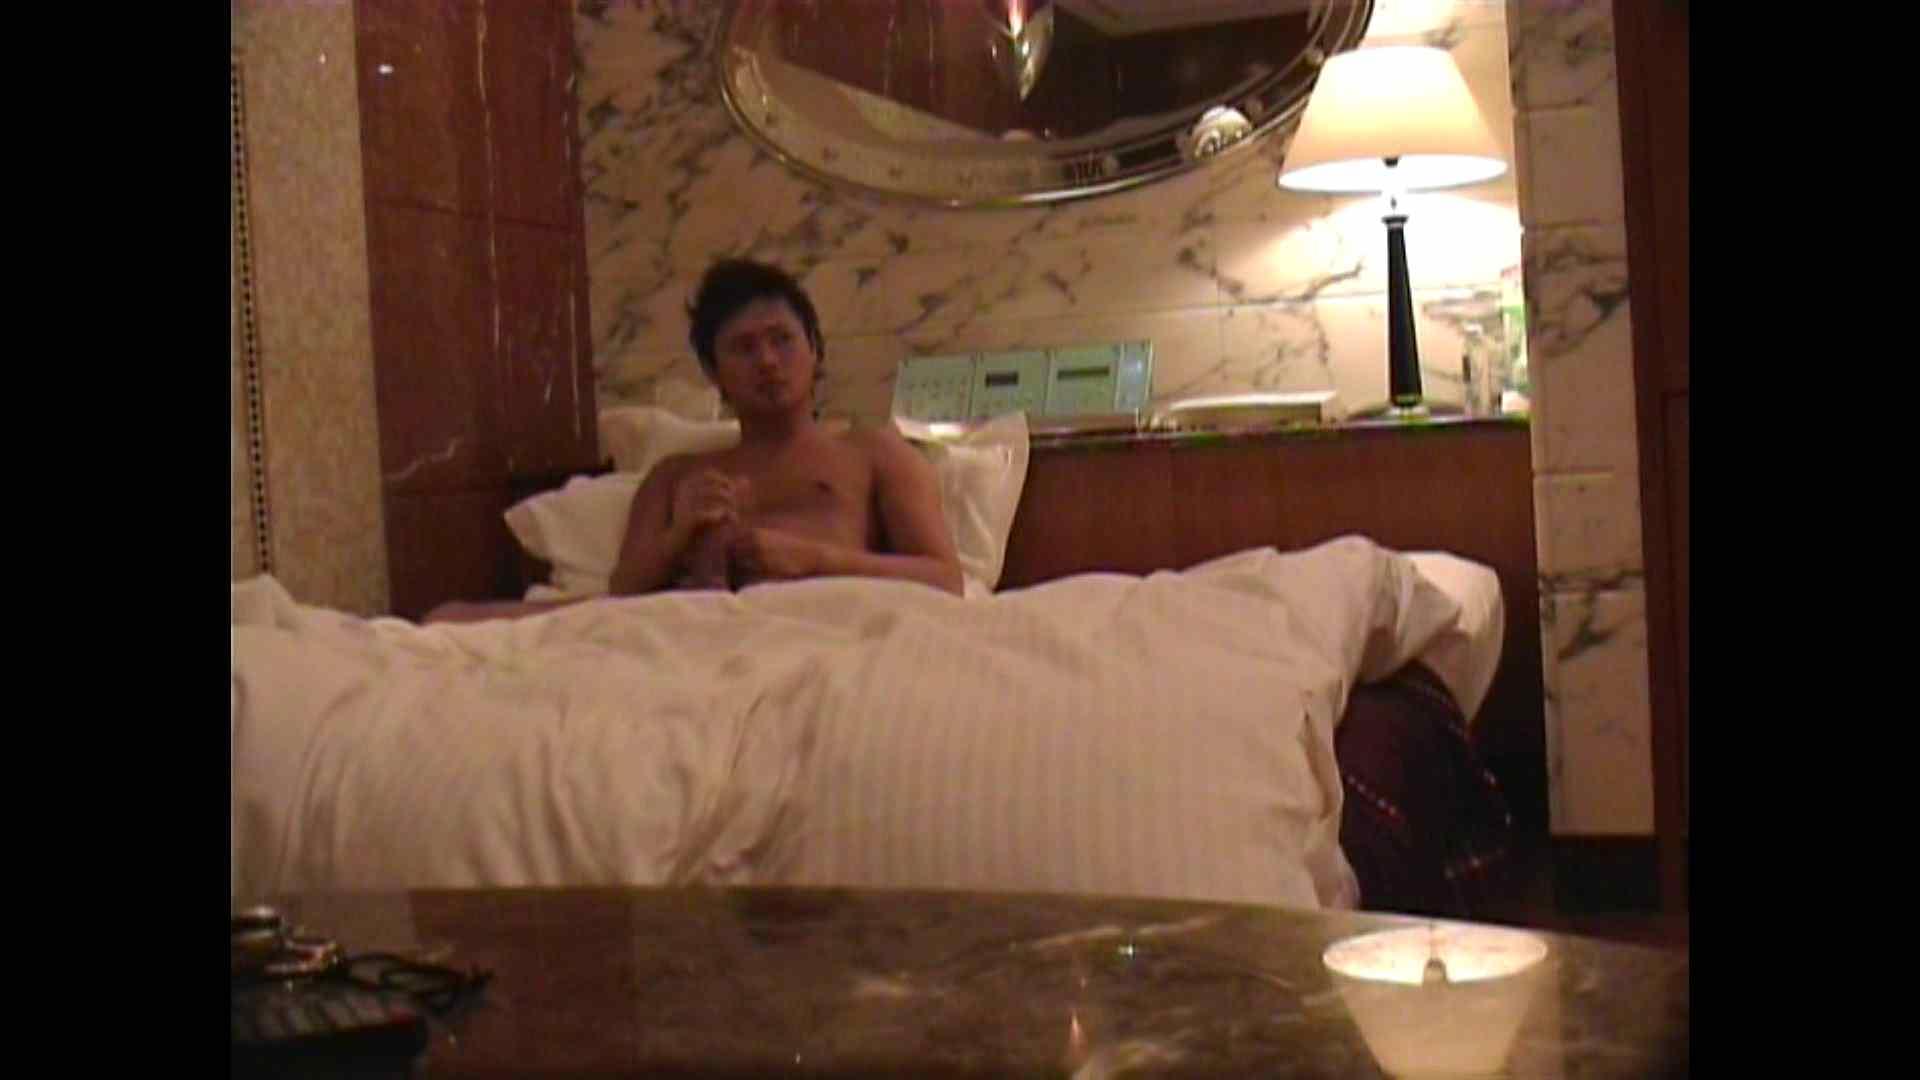 オナ好き五郎さん投稿!イケメン限定、オナニーでイク瞬間を撮影 その2 イケメンのゲイ達 Guyエロ画像 68枚 33